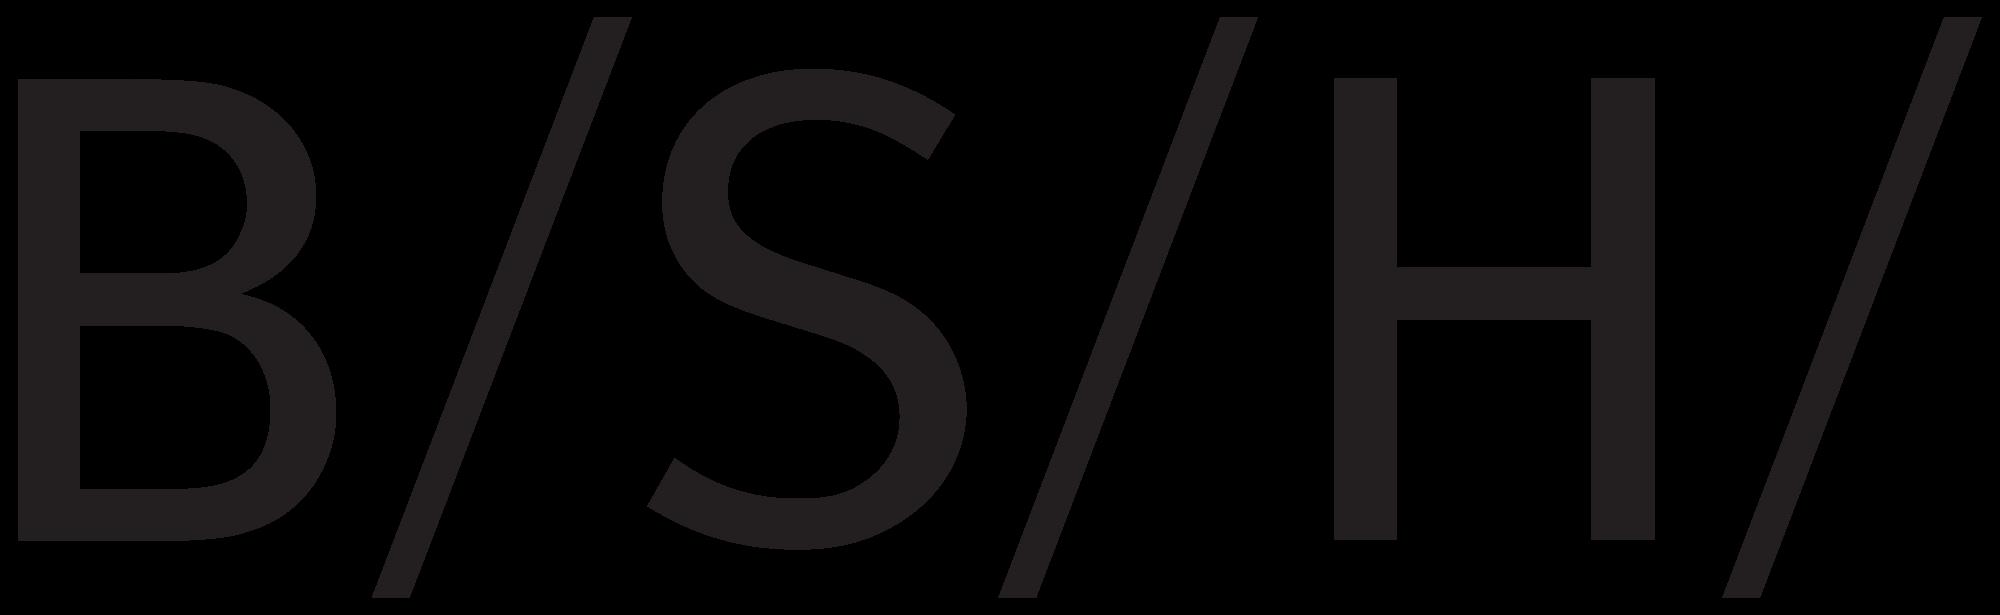 Logo von BSH Bosch Siemens Hausgeräte GmbH